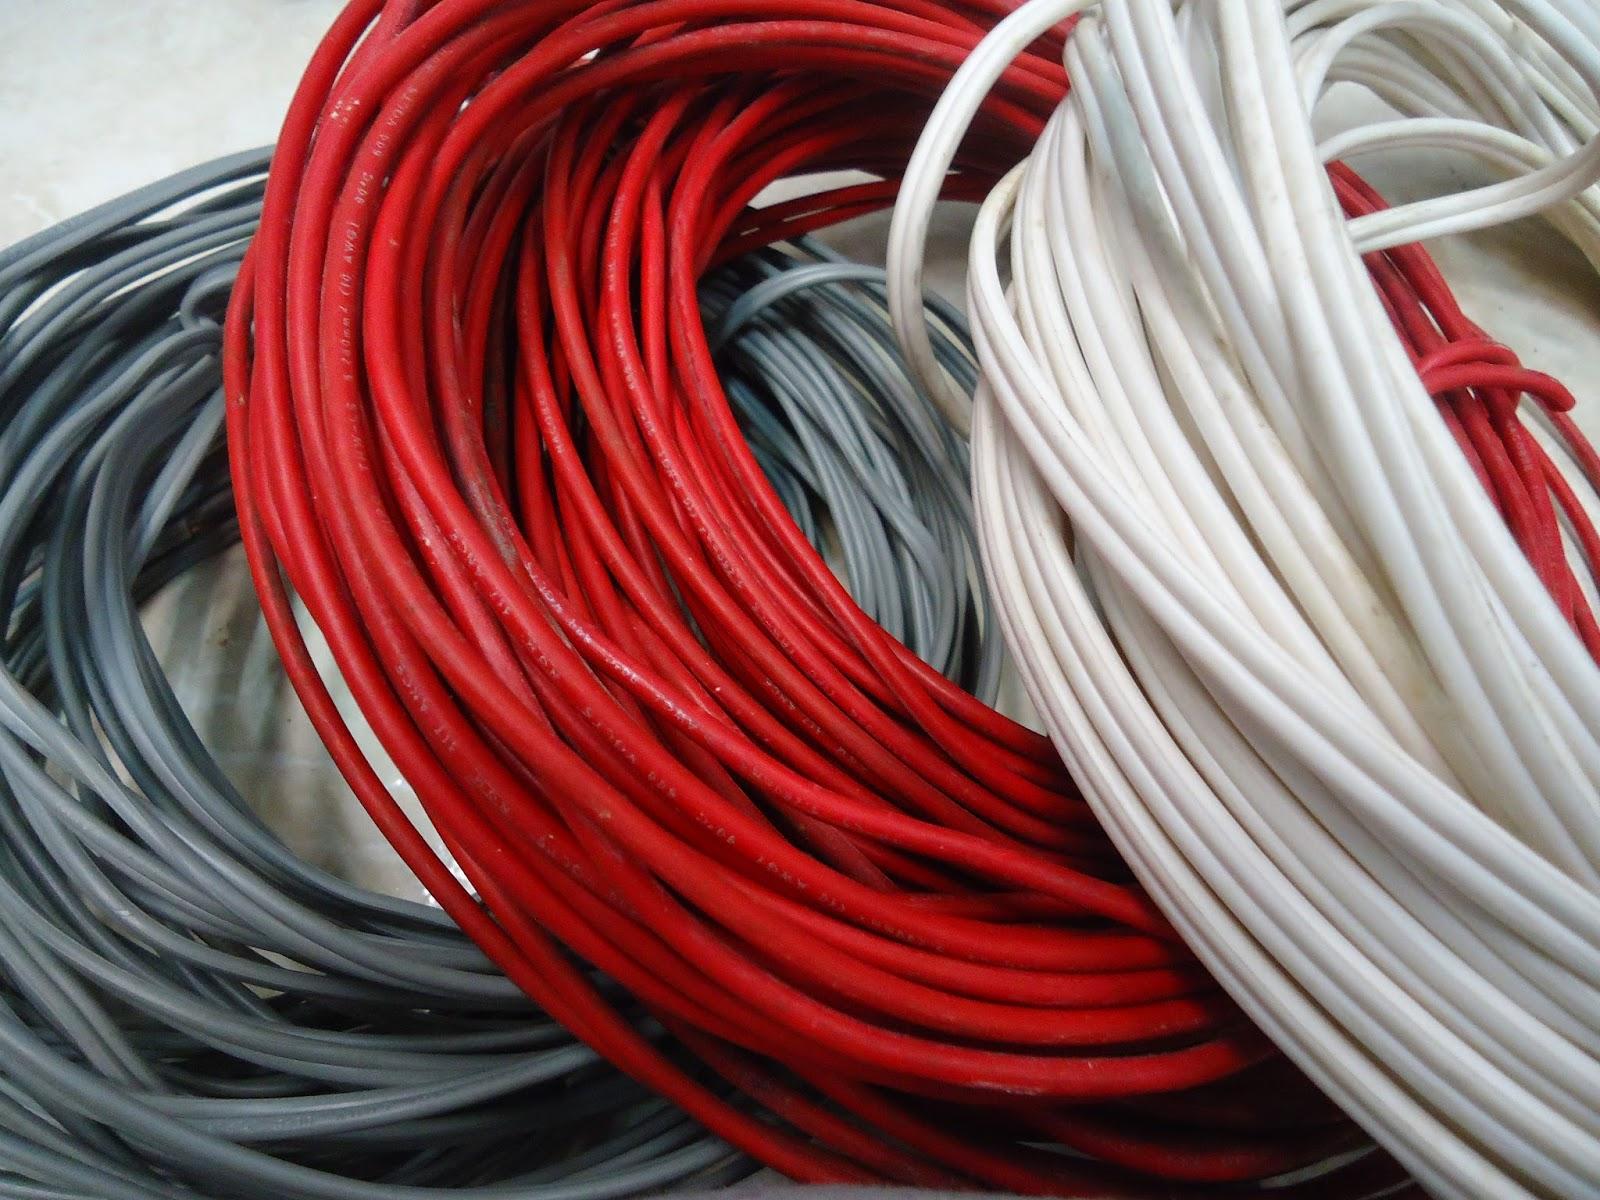 Instalaciones el ctricas residenciales qu son los - Cable instalacion electrica ...